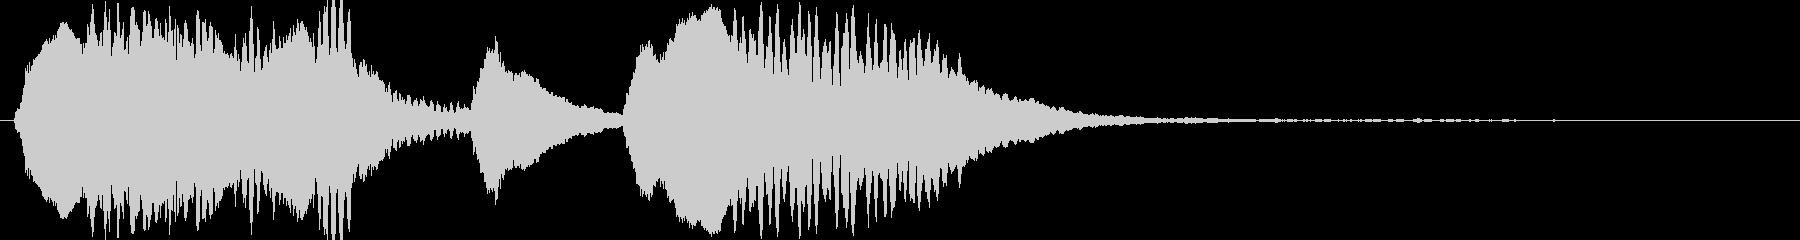 ファゴットの残念な脱力系ジングルの未再生の波形